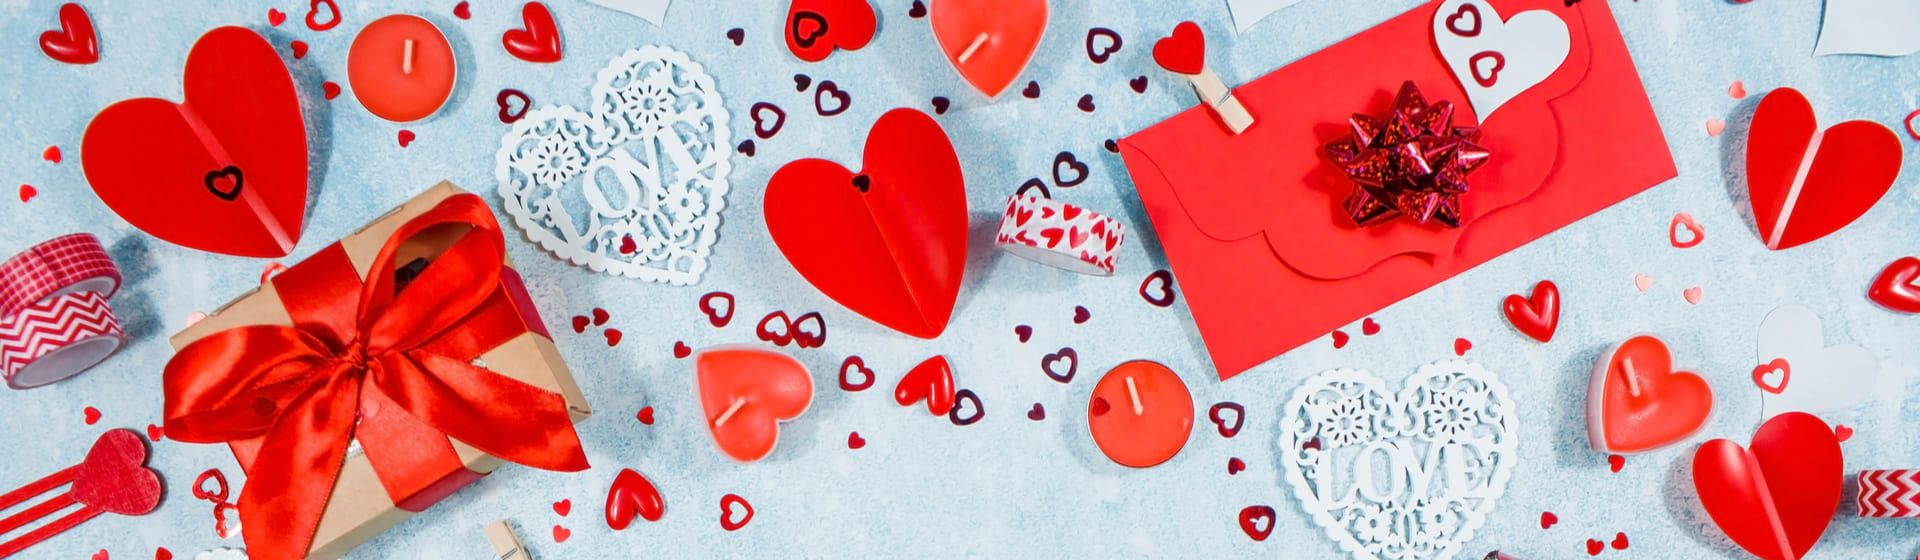 Mensagem do Dia dos Namorados: faça seu cartão para a data